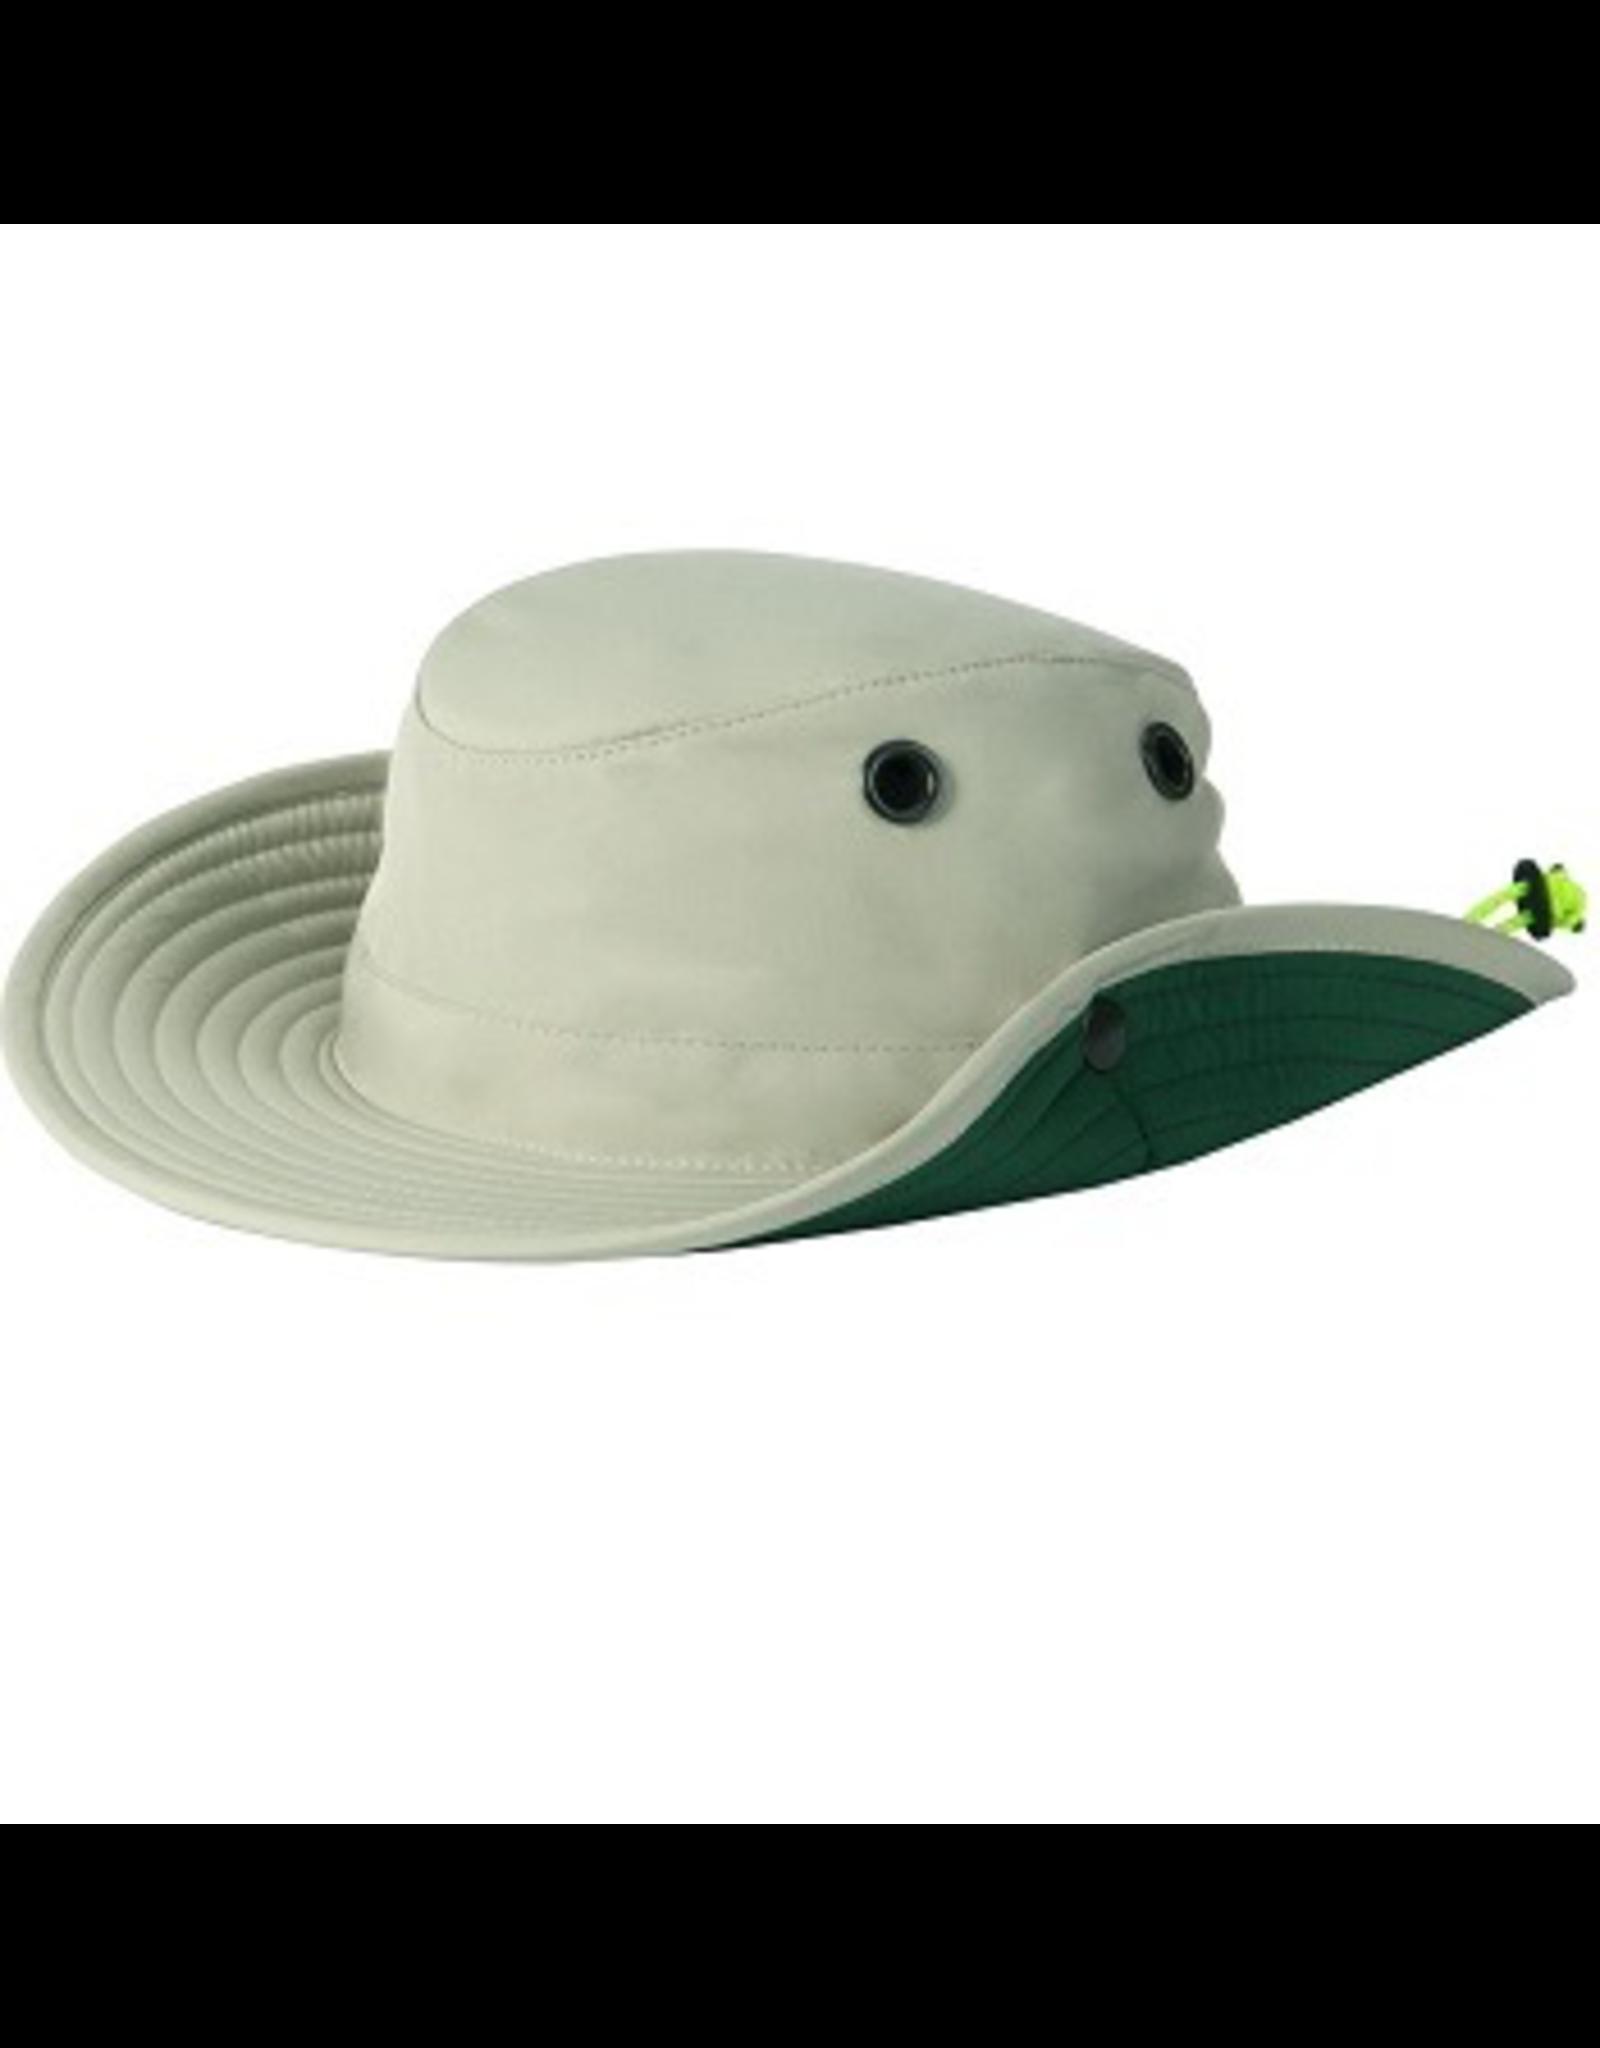 Tilley Tilley Paddler's Hat